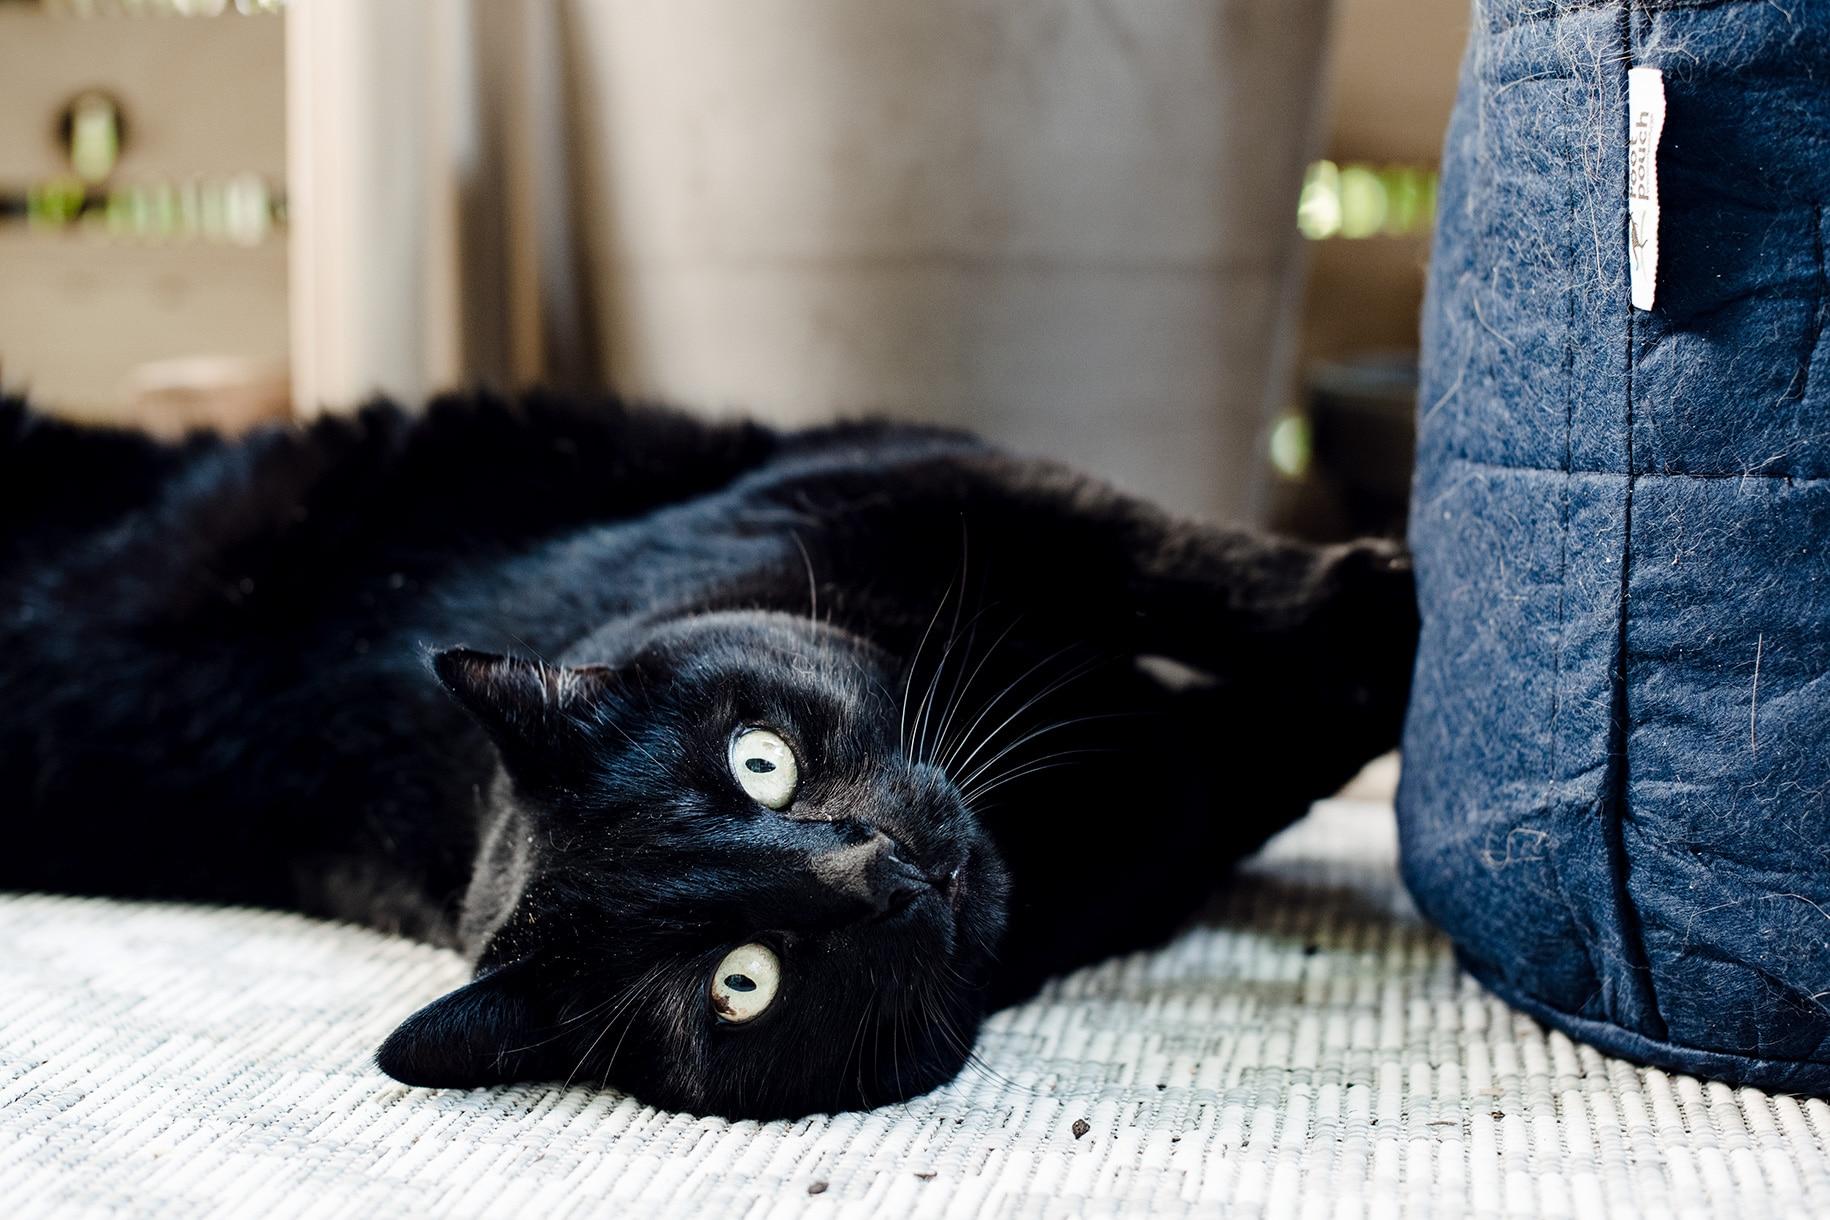 Mon grand chat noir, vautré dans la terre et la poussière sur le balcon